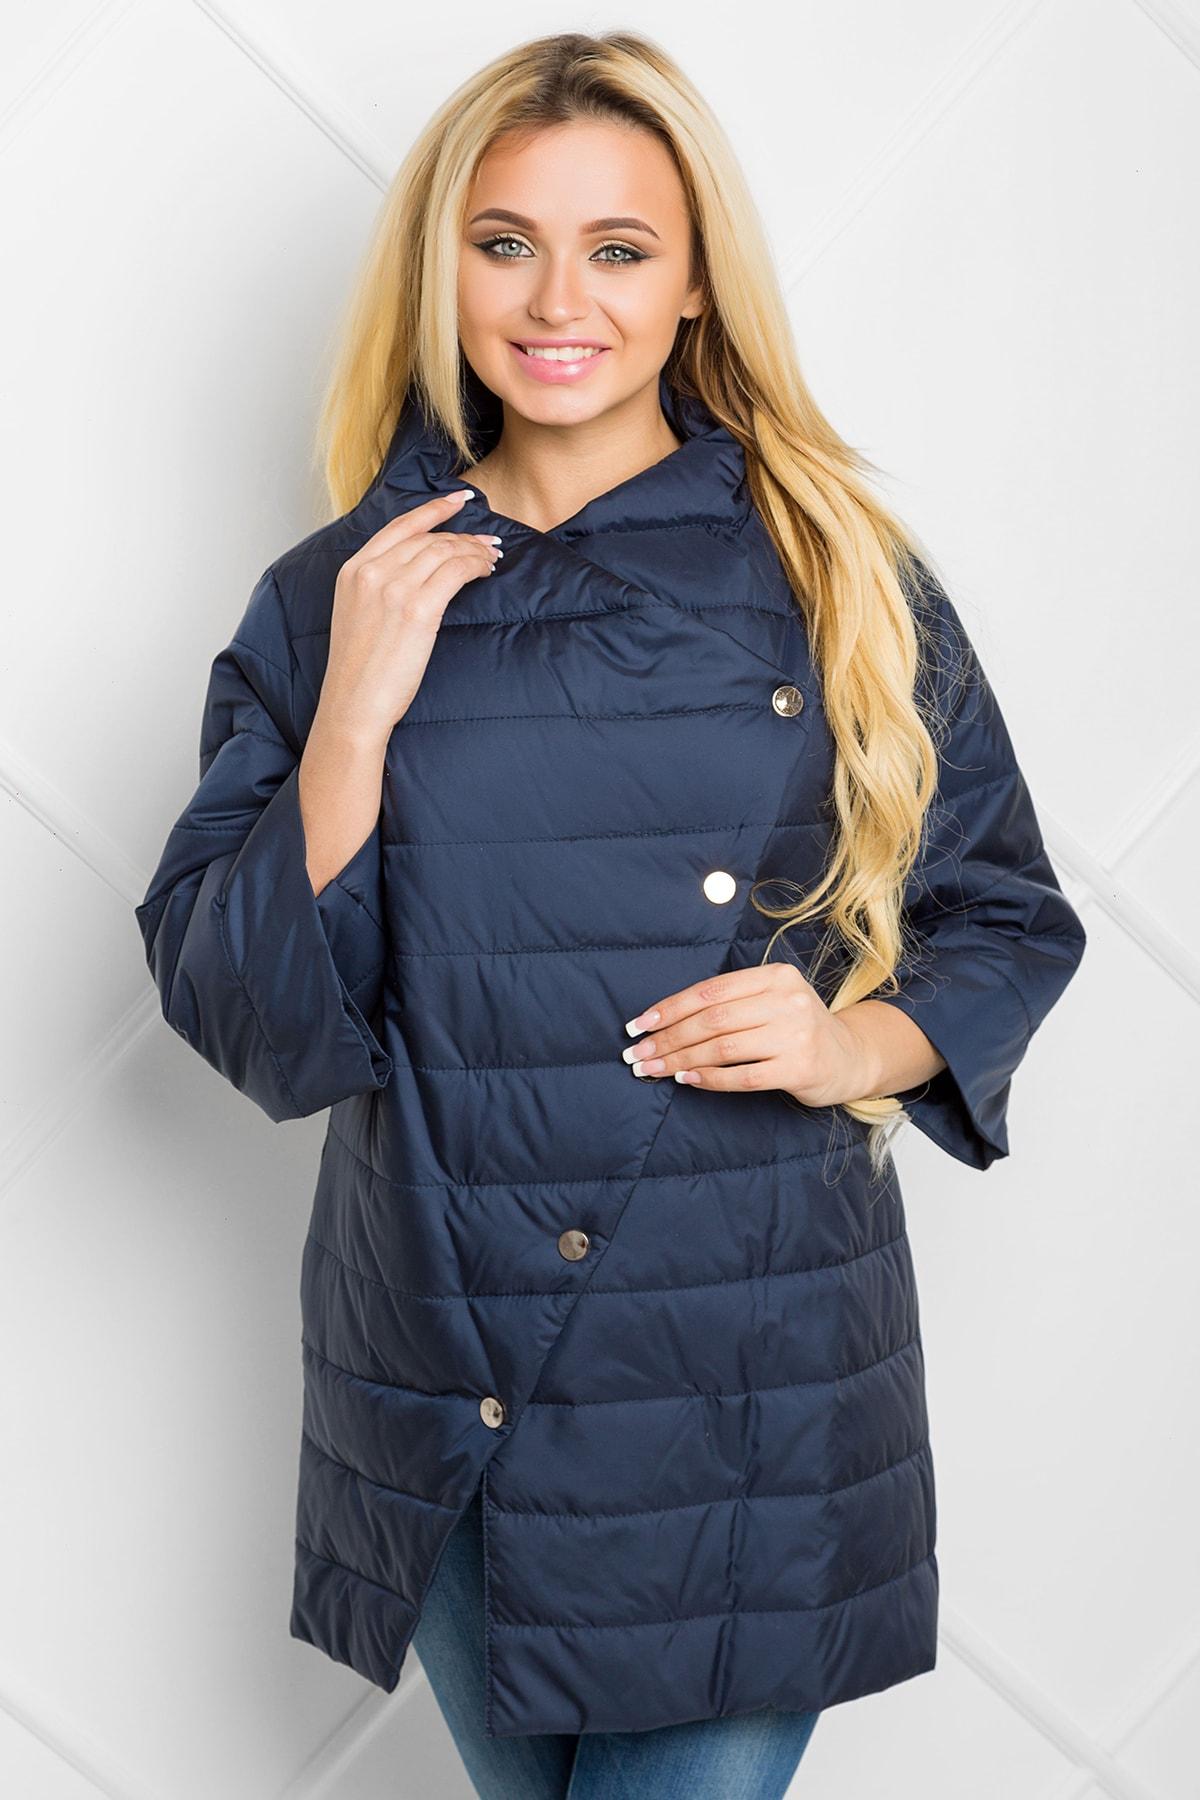 938d1b79ac0 Купить темно-синюю недорогую женскую осенне-весеннюю куртку с рукавом 3 4